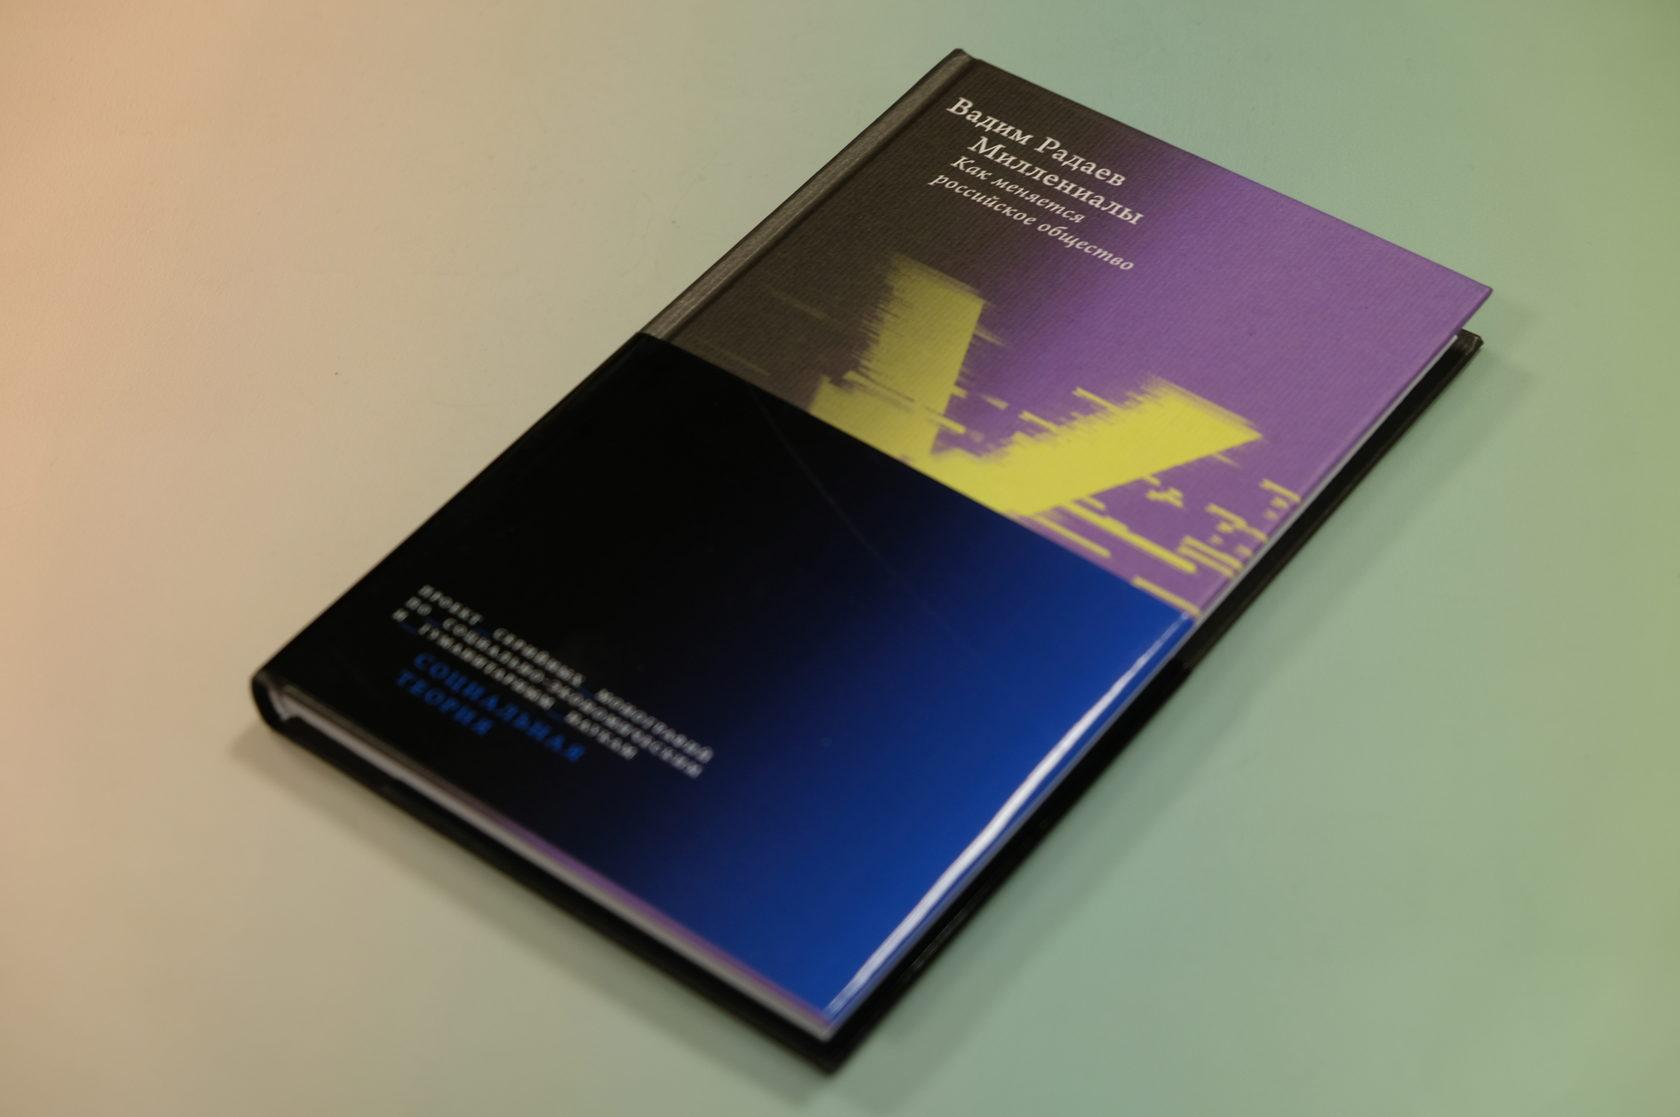 Купить книгу Вадим Радаев «Миллениалы. Как меняется российское общество» 978-5-7598-1985-1